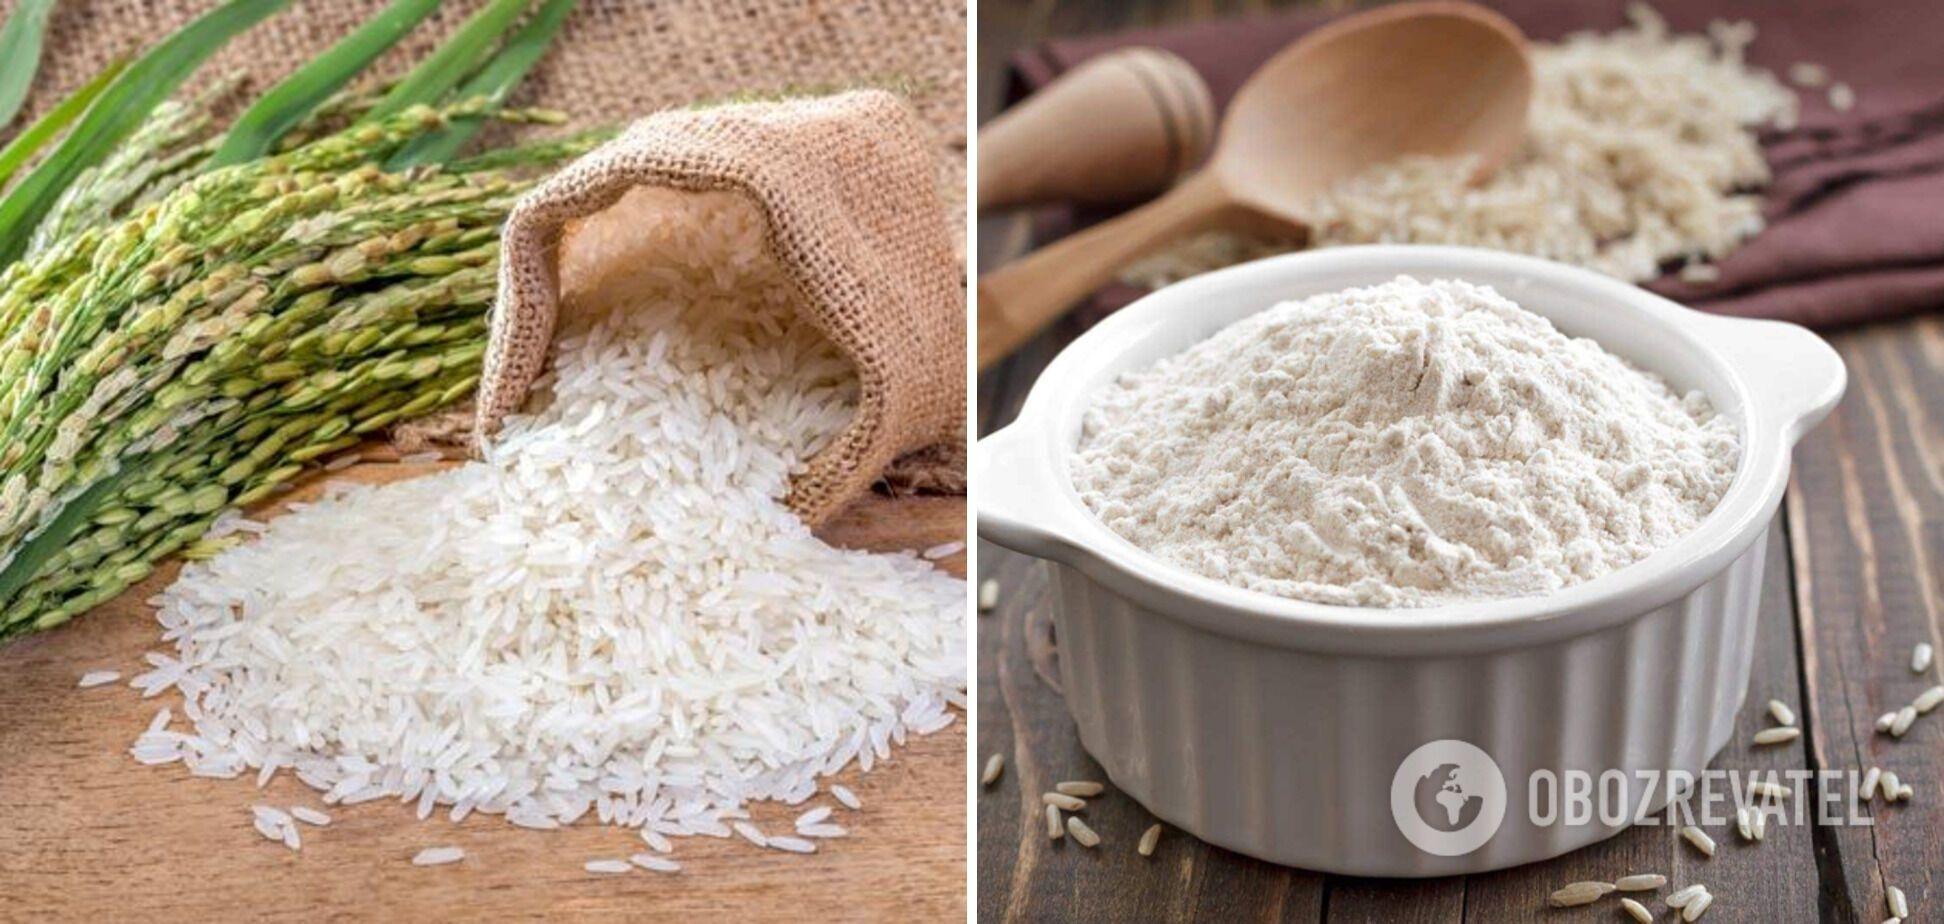 Рисовая мука – низкокалорийная альтернатива для десертов